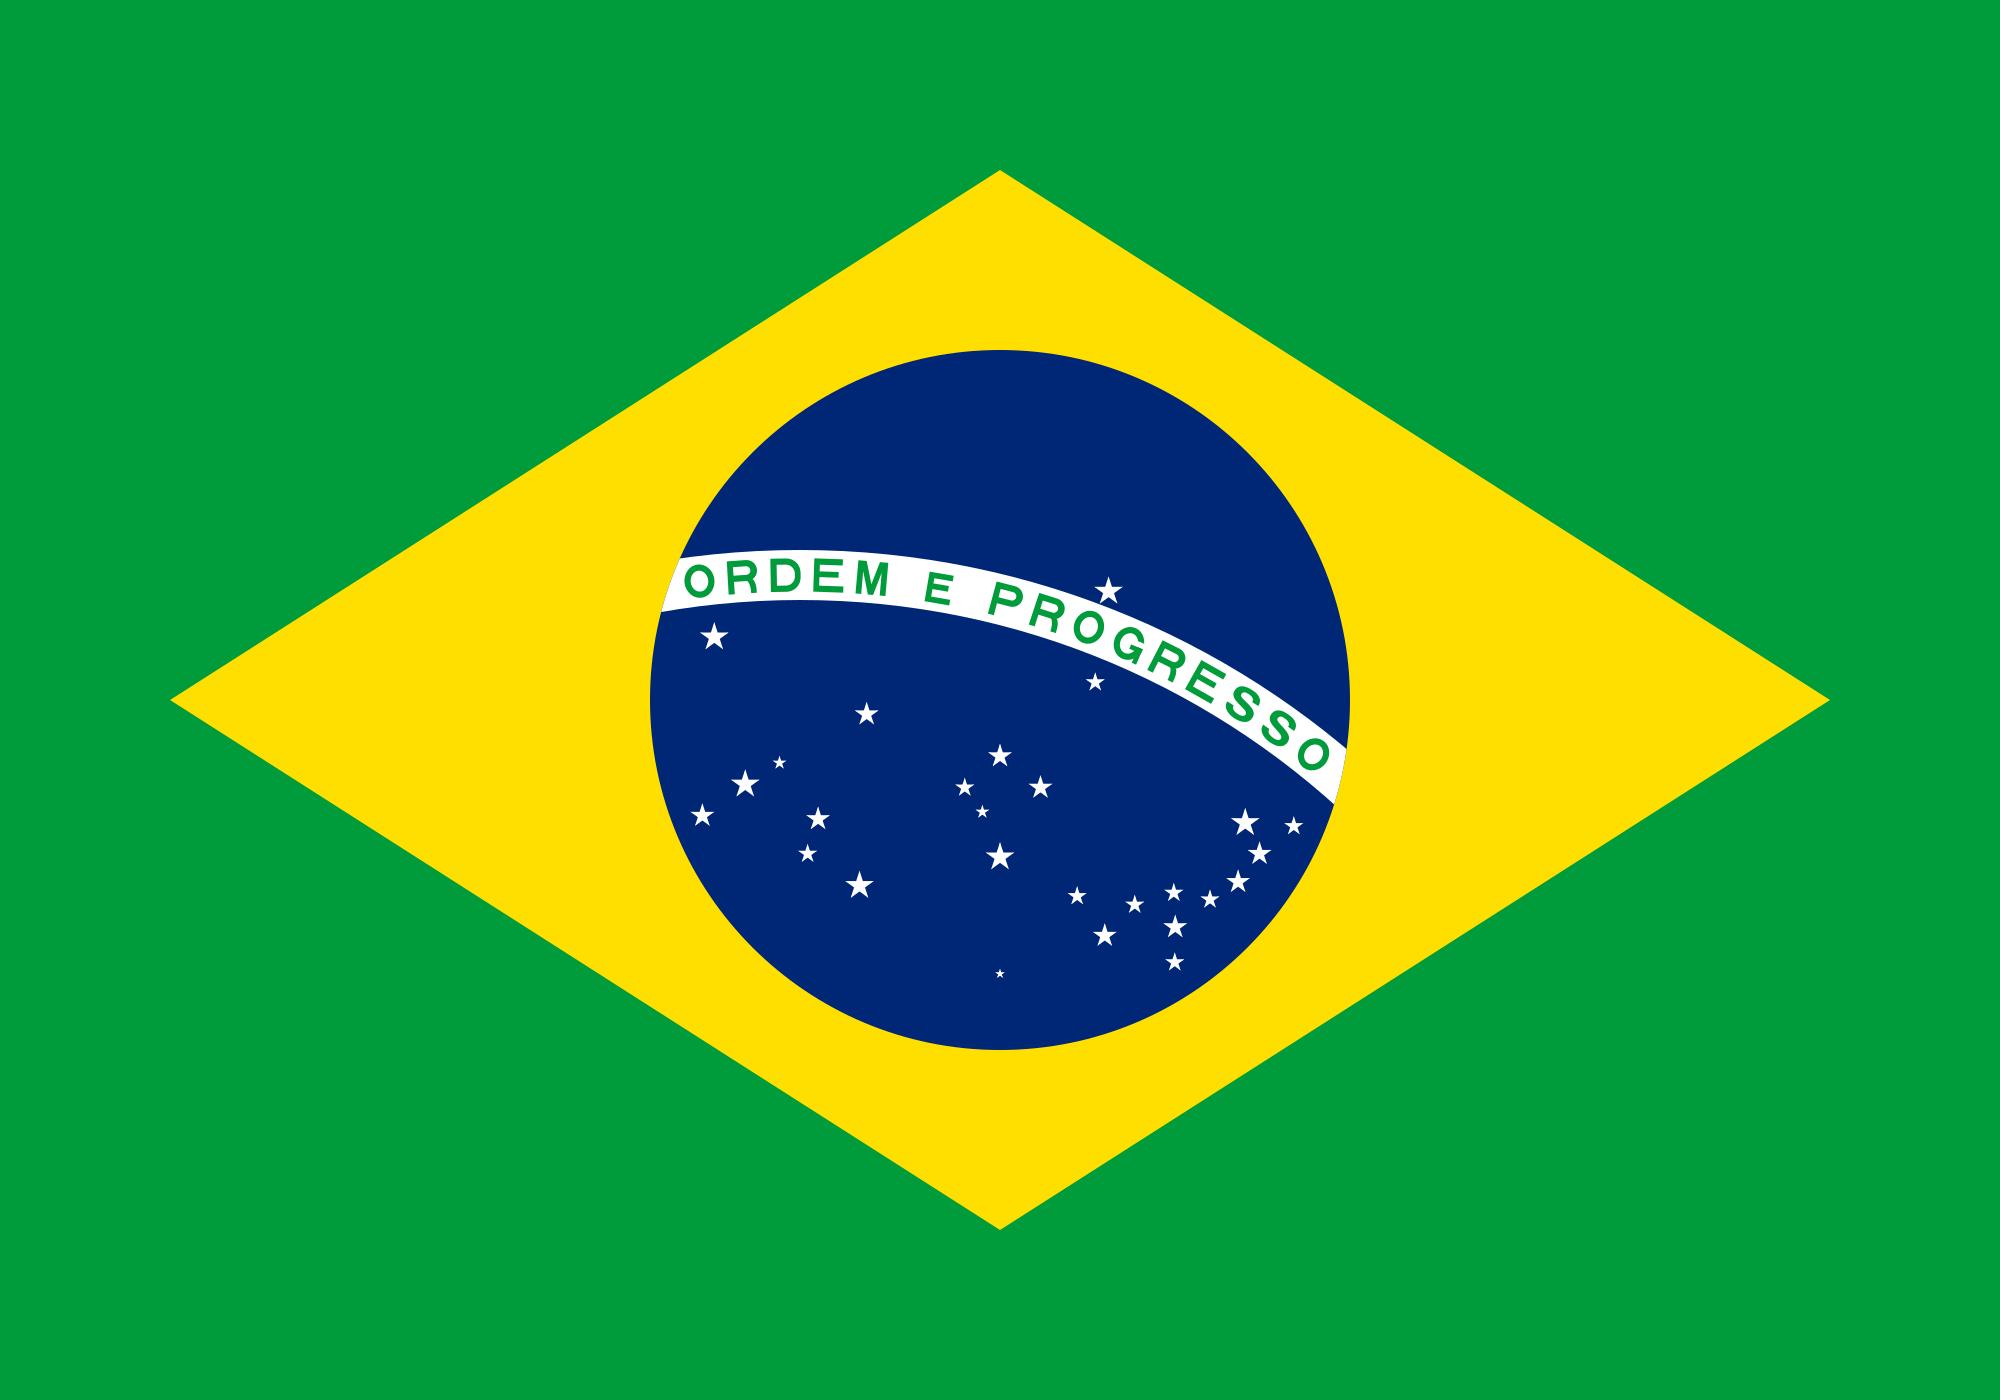 Décima segunda bandeira: Bandeira nacional